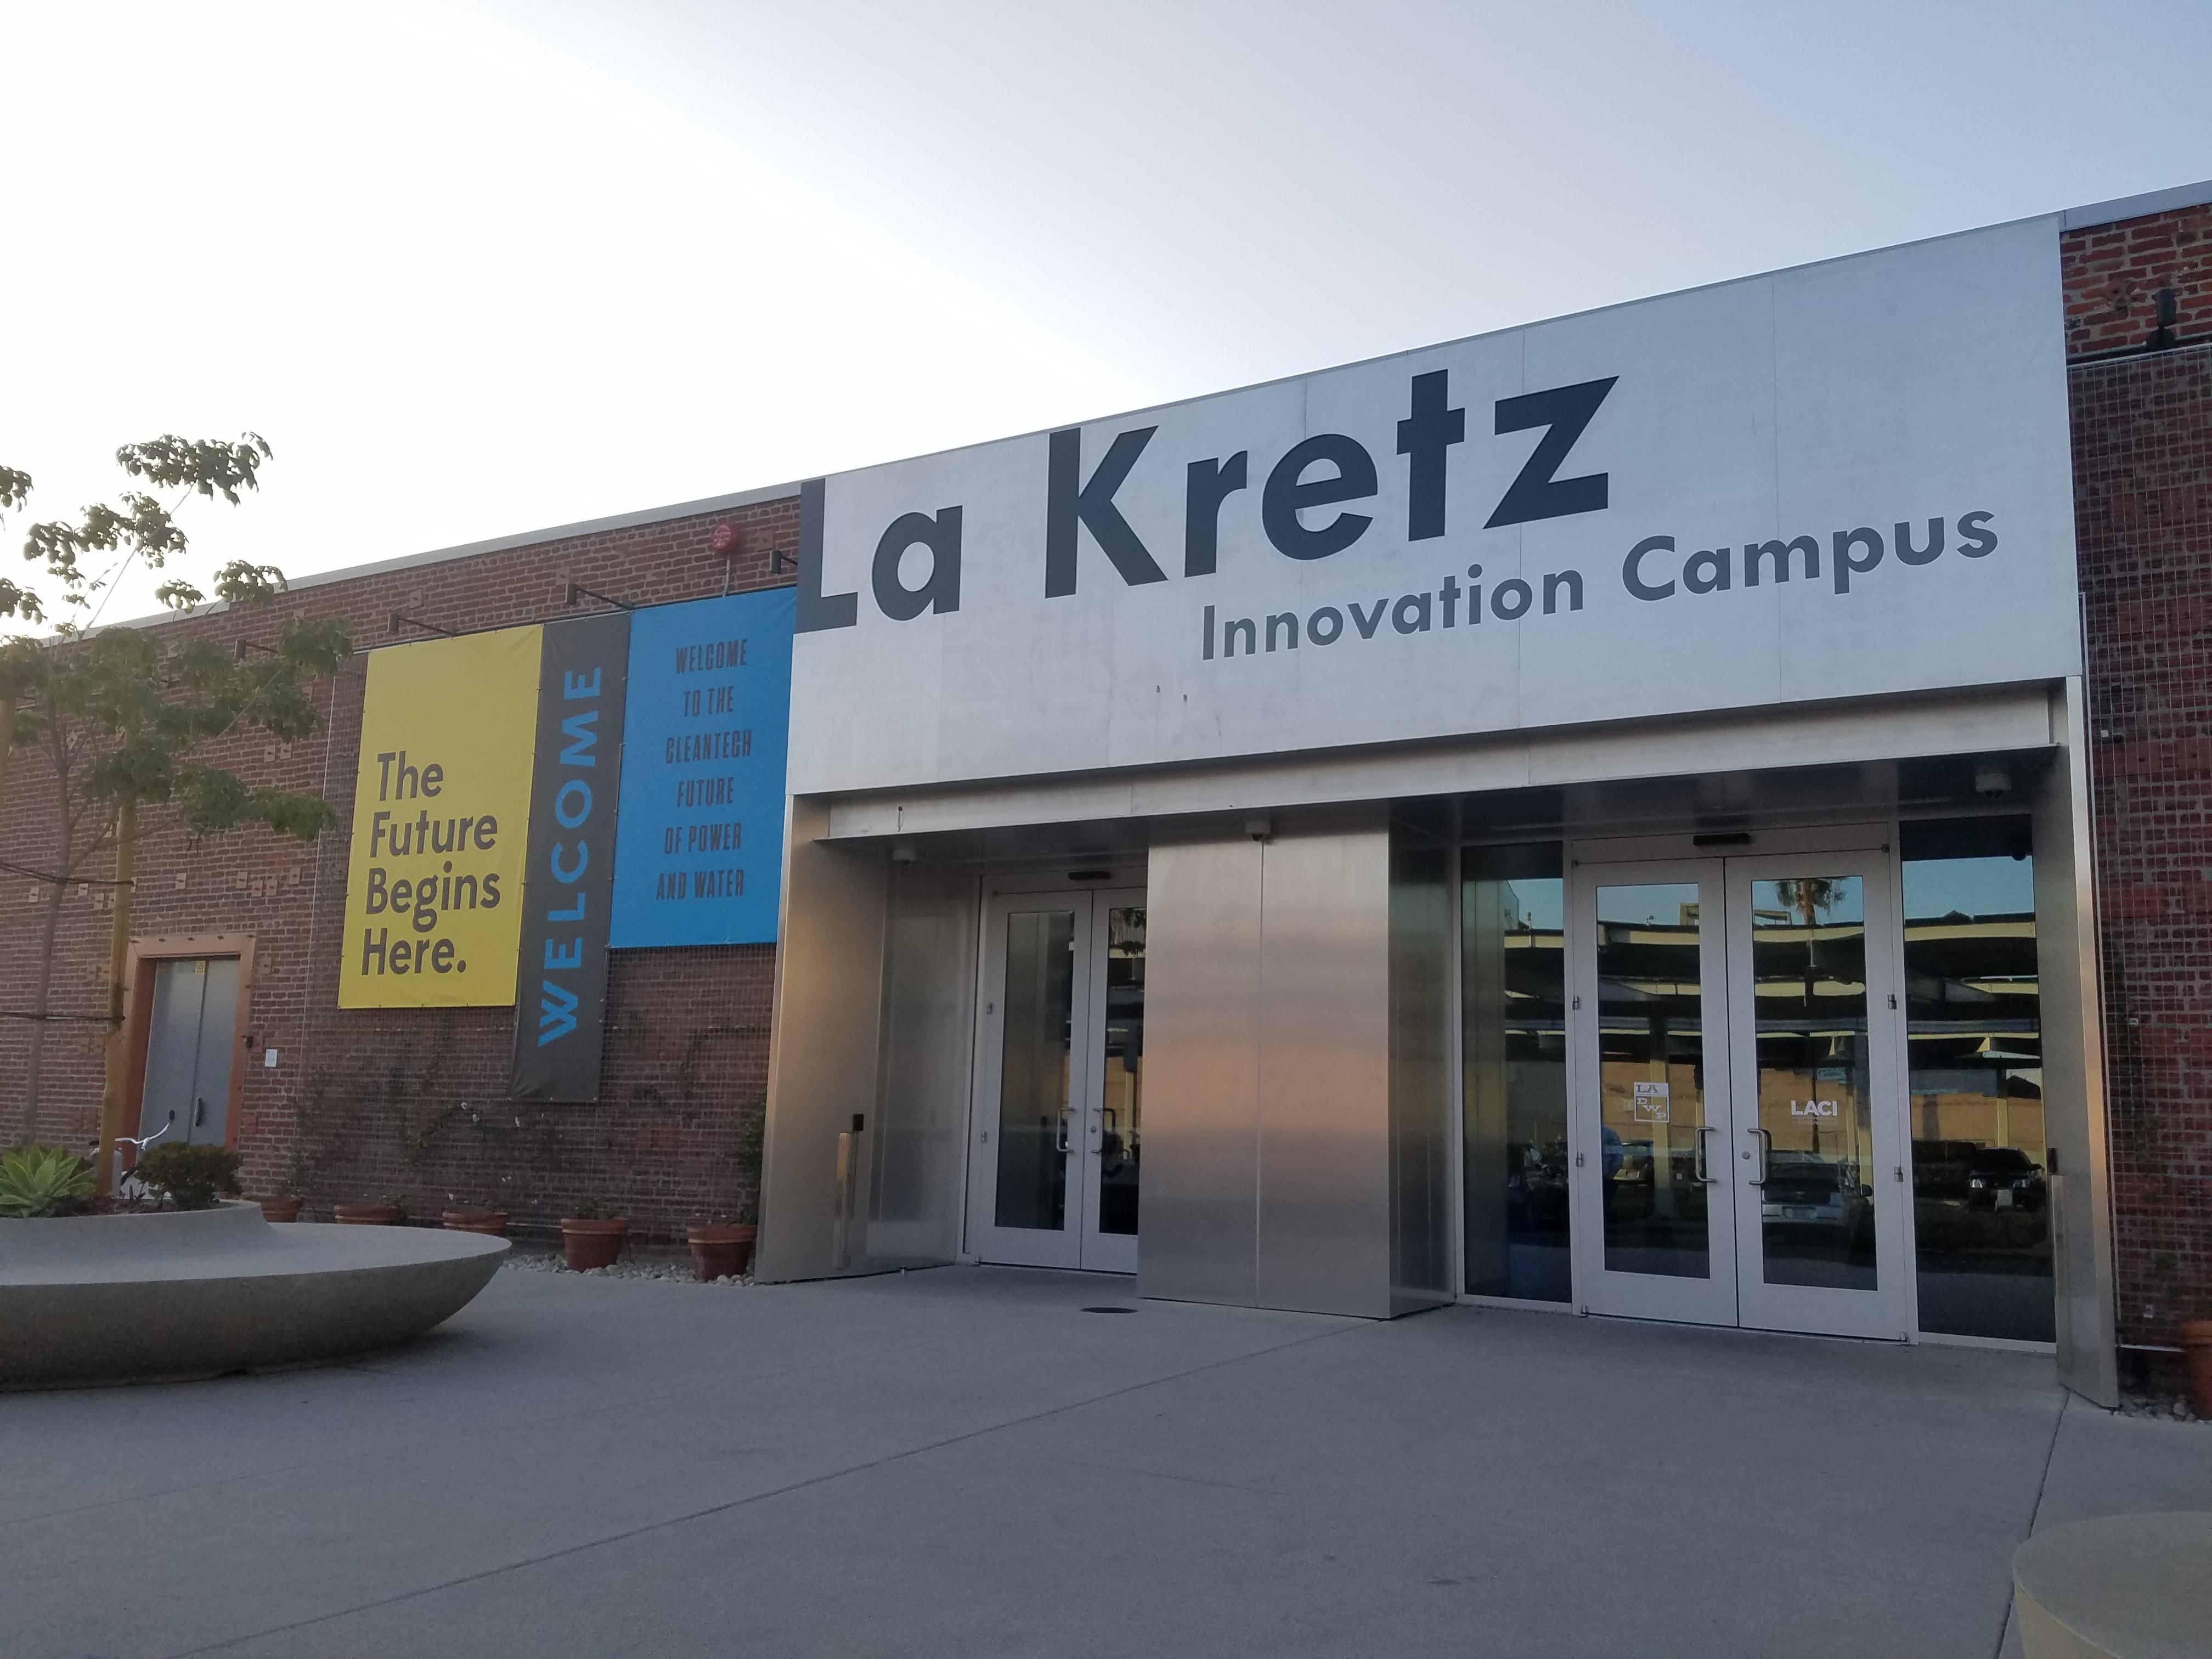 La_Kretz_Innovation_Campus.jpg